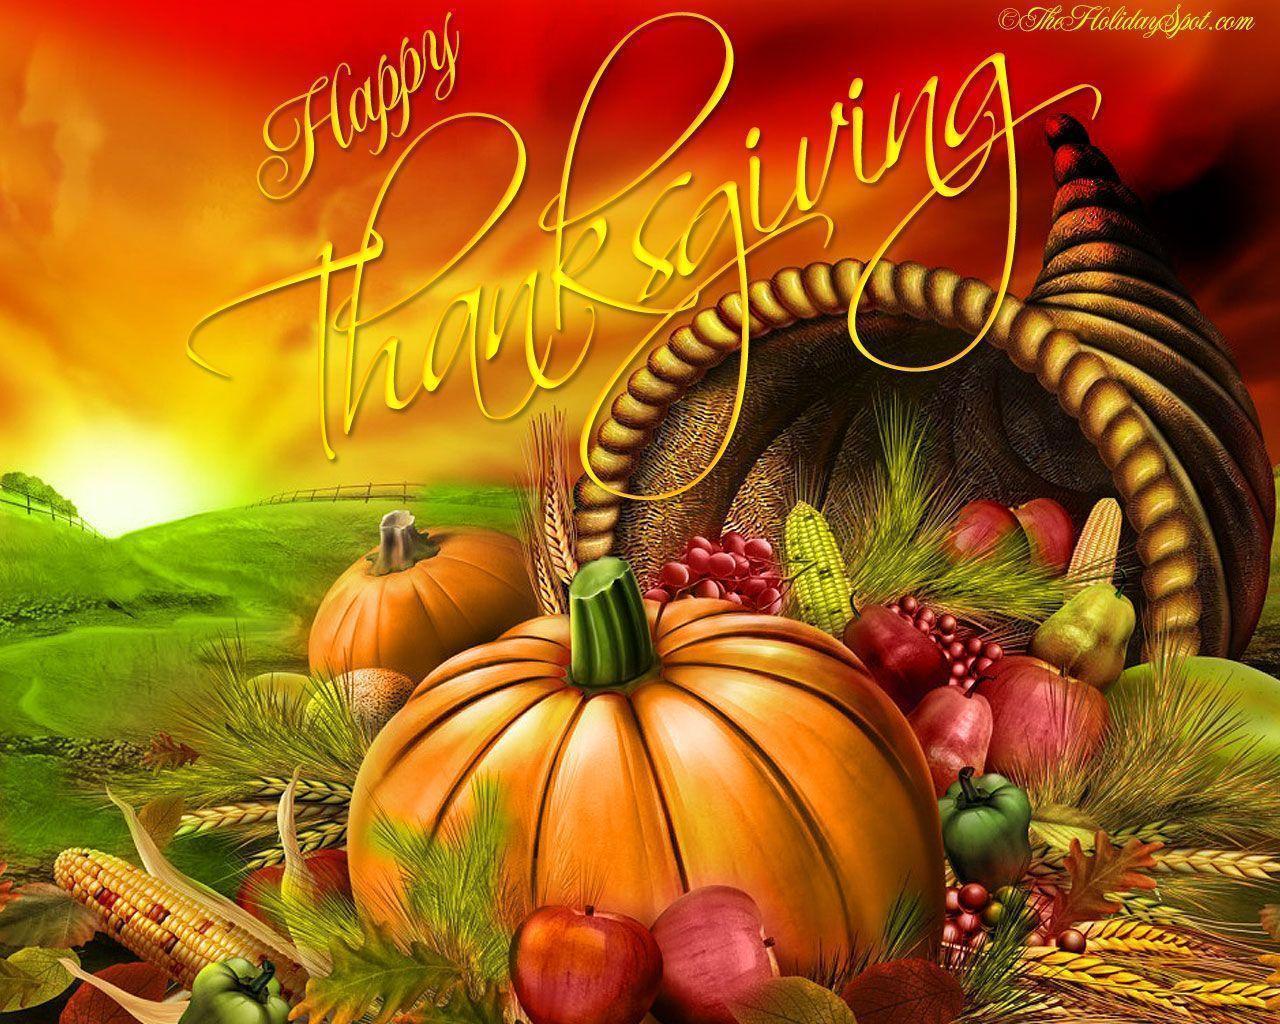 3d thanksgiving wallpapers wallpaper cave - Thanksgiving day wallpaper 3d ...